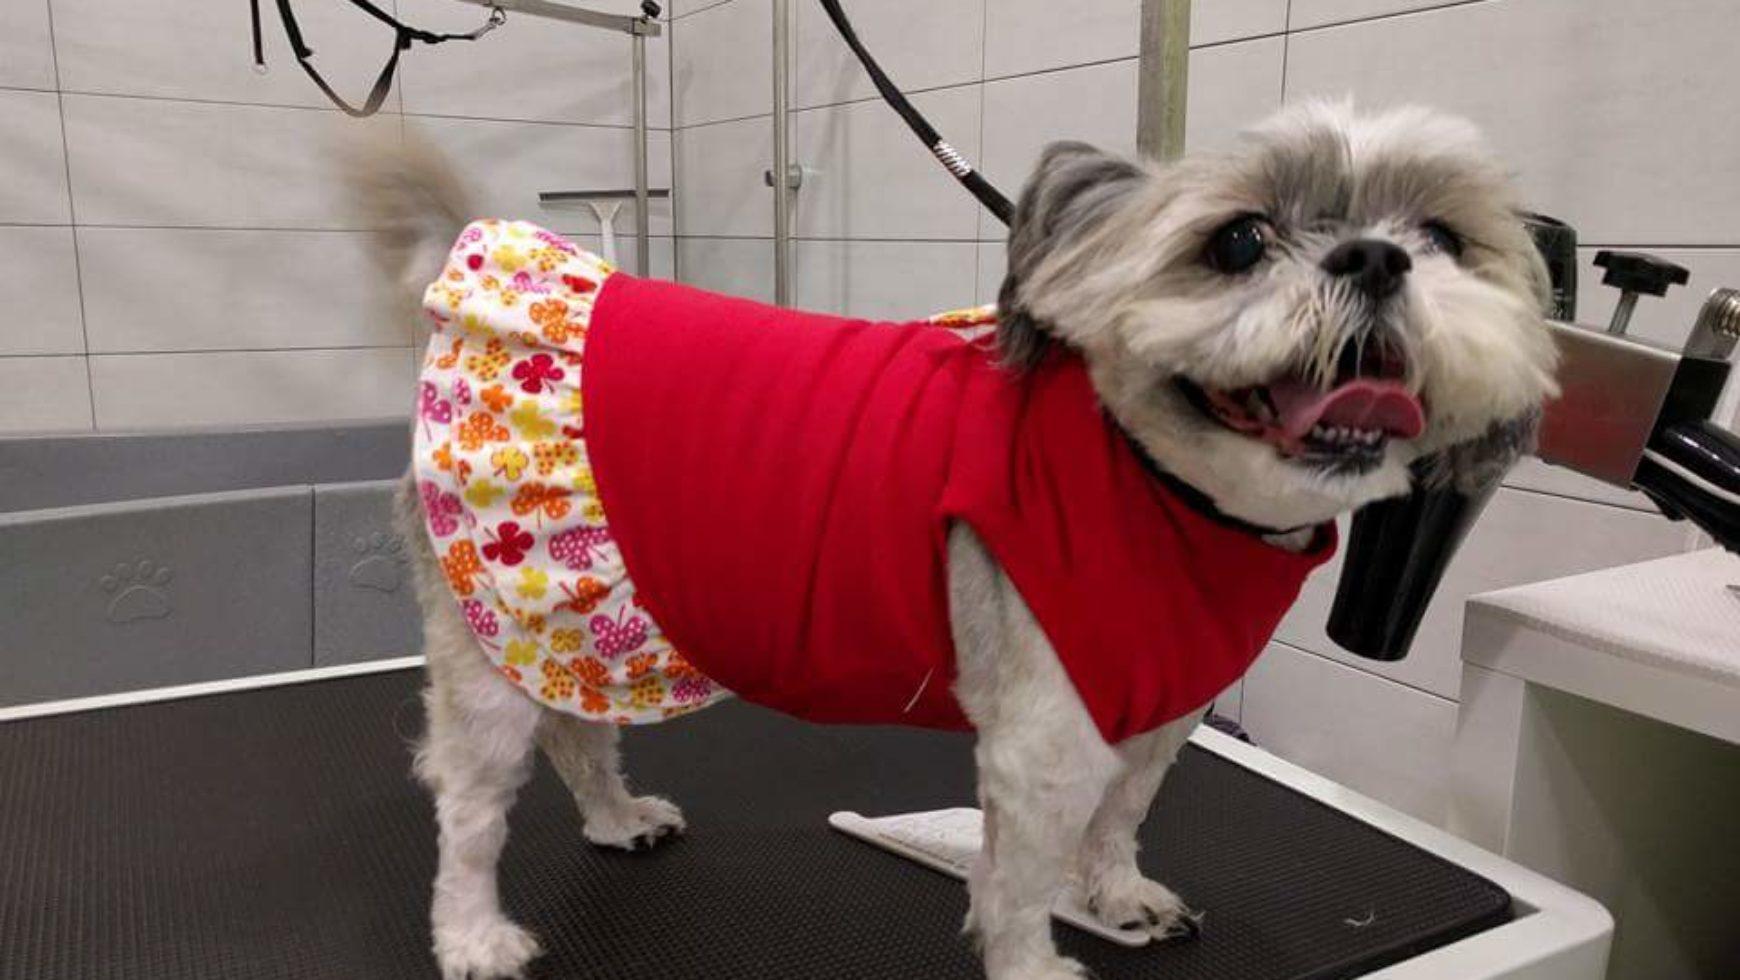 Καλλωπισμος σκύλου  Σιχ τσου -Dog grooming Shih tzu